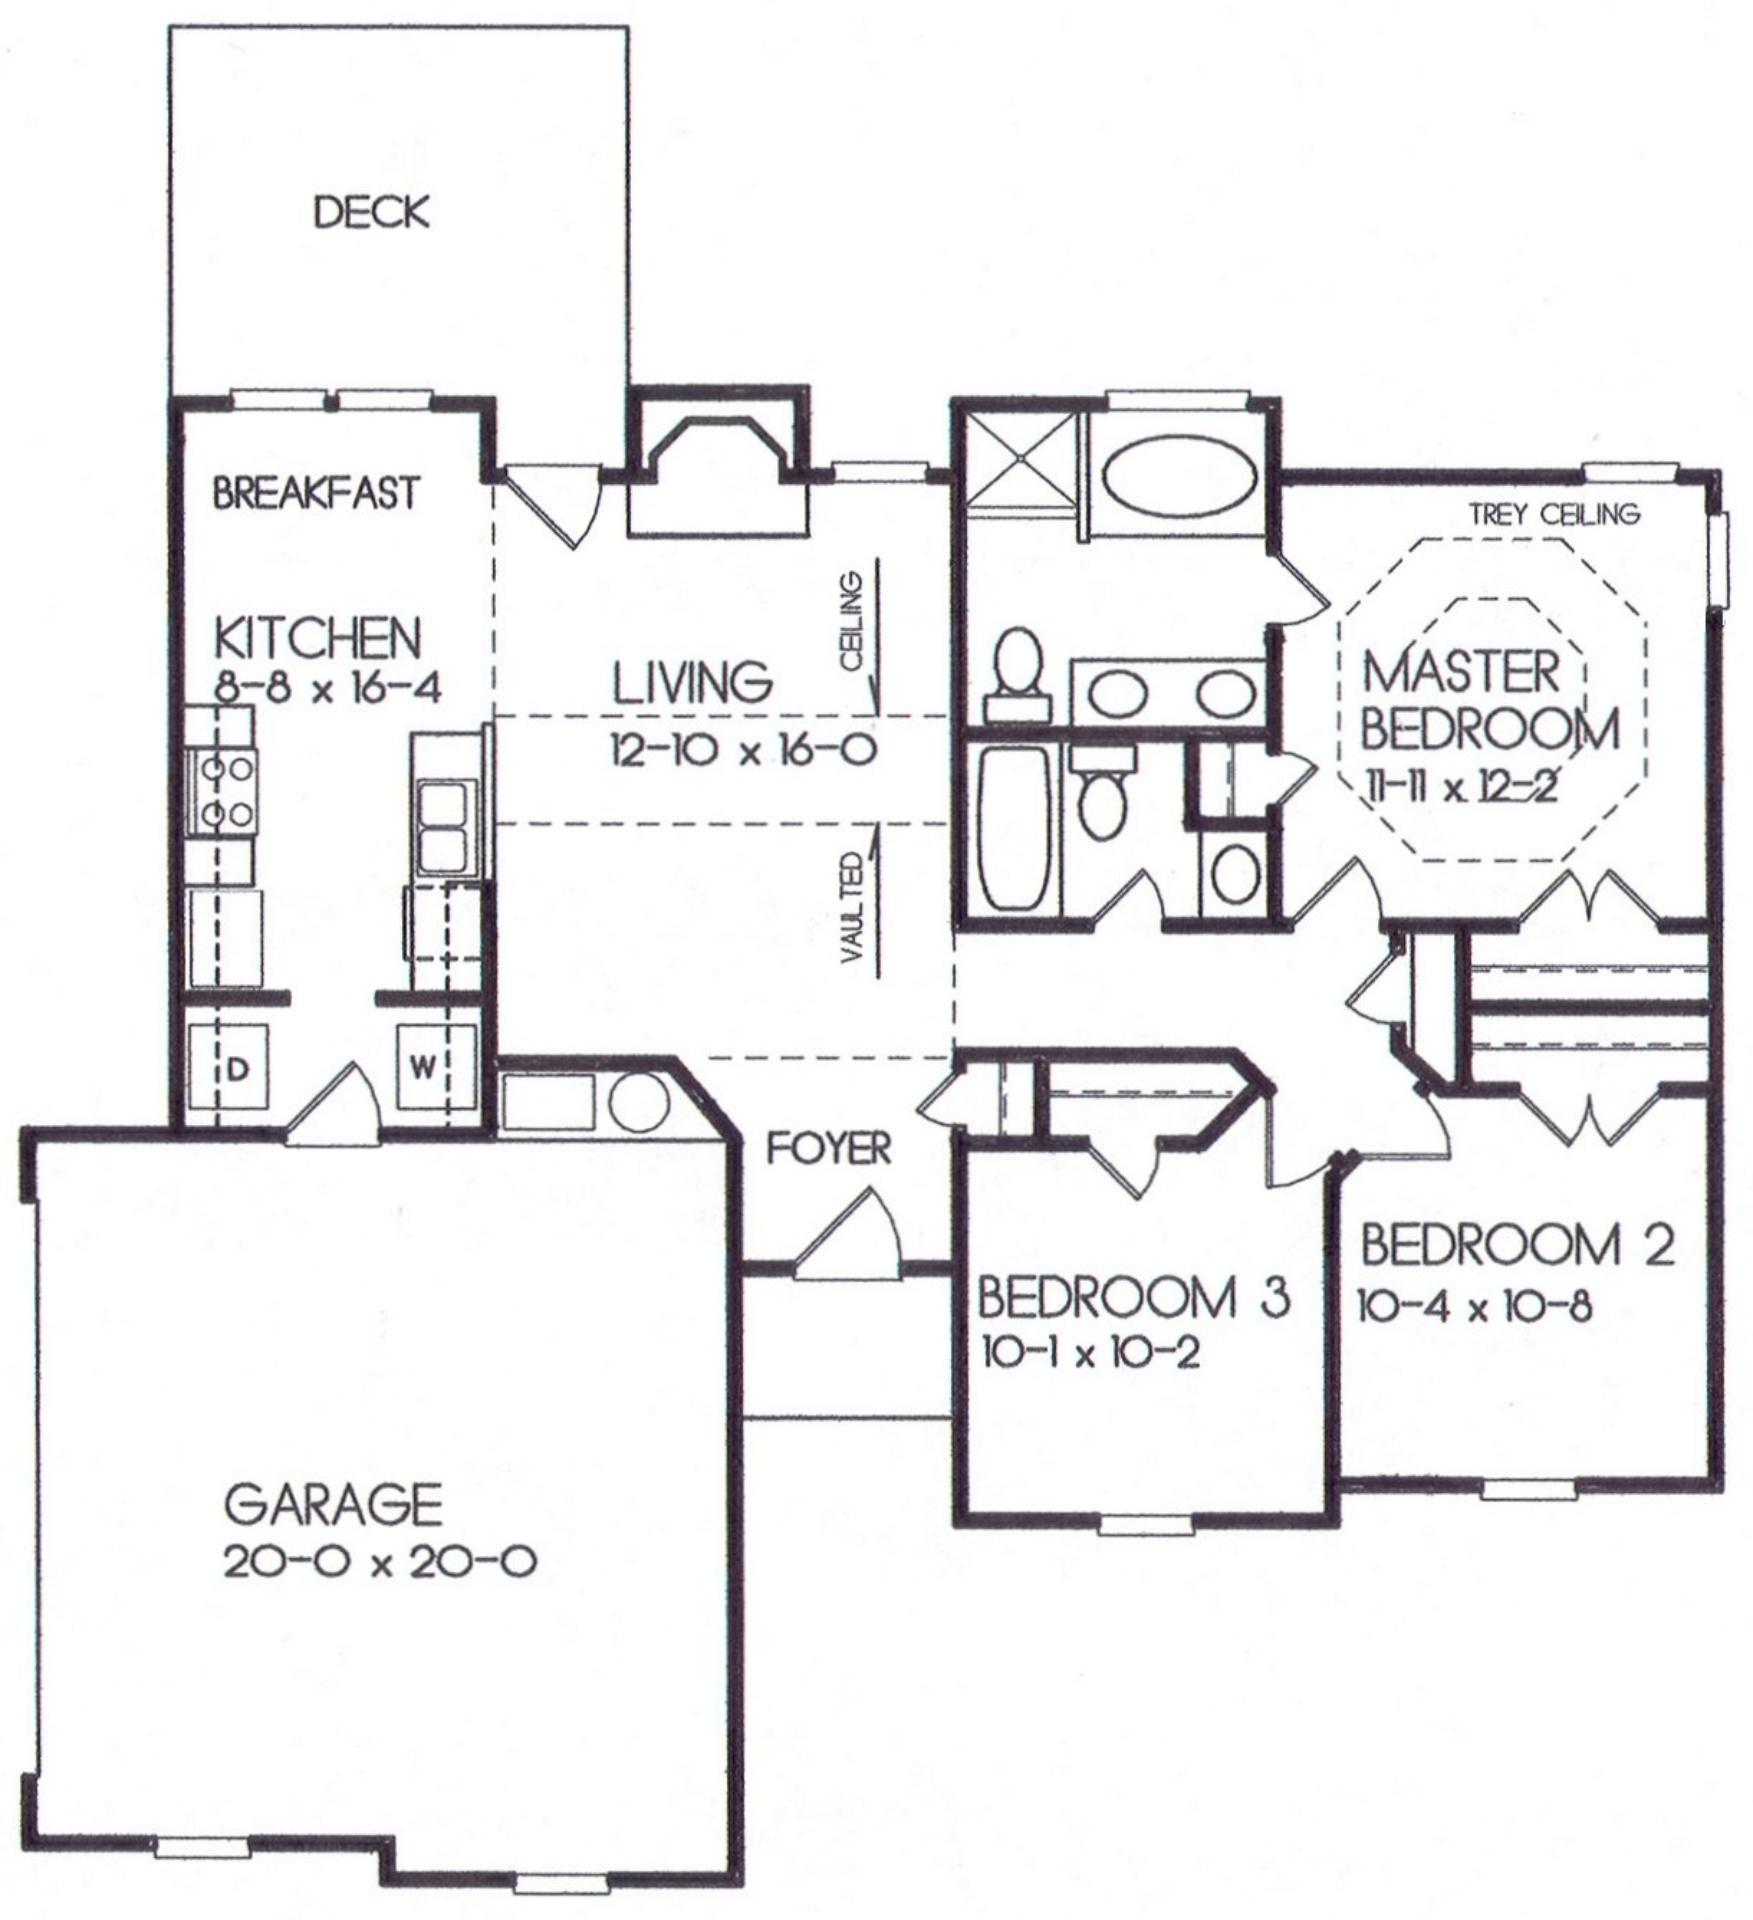 10-1 Floor Plan